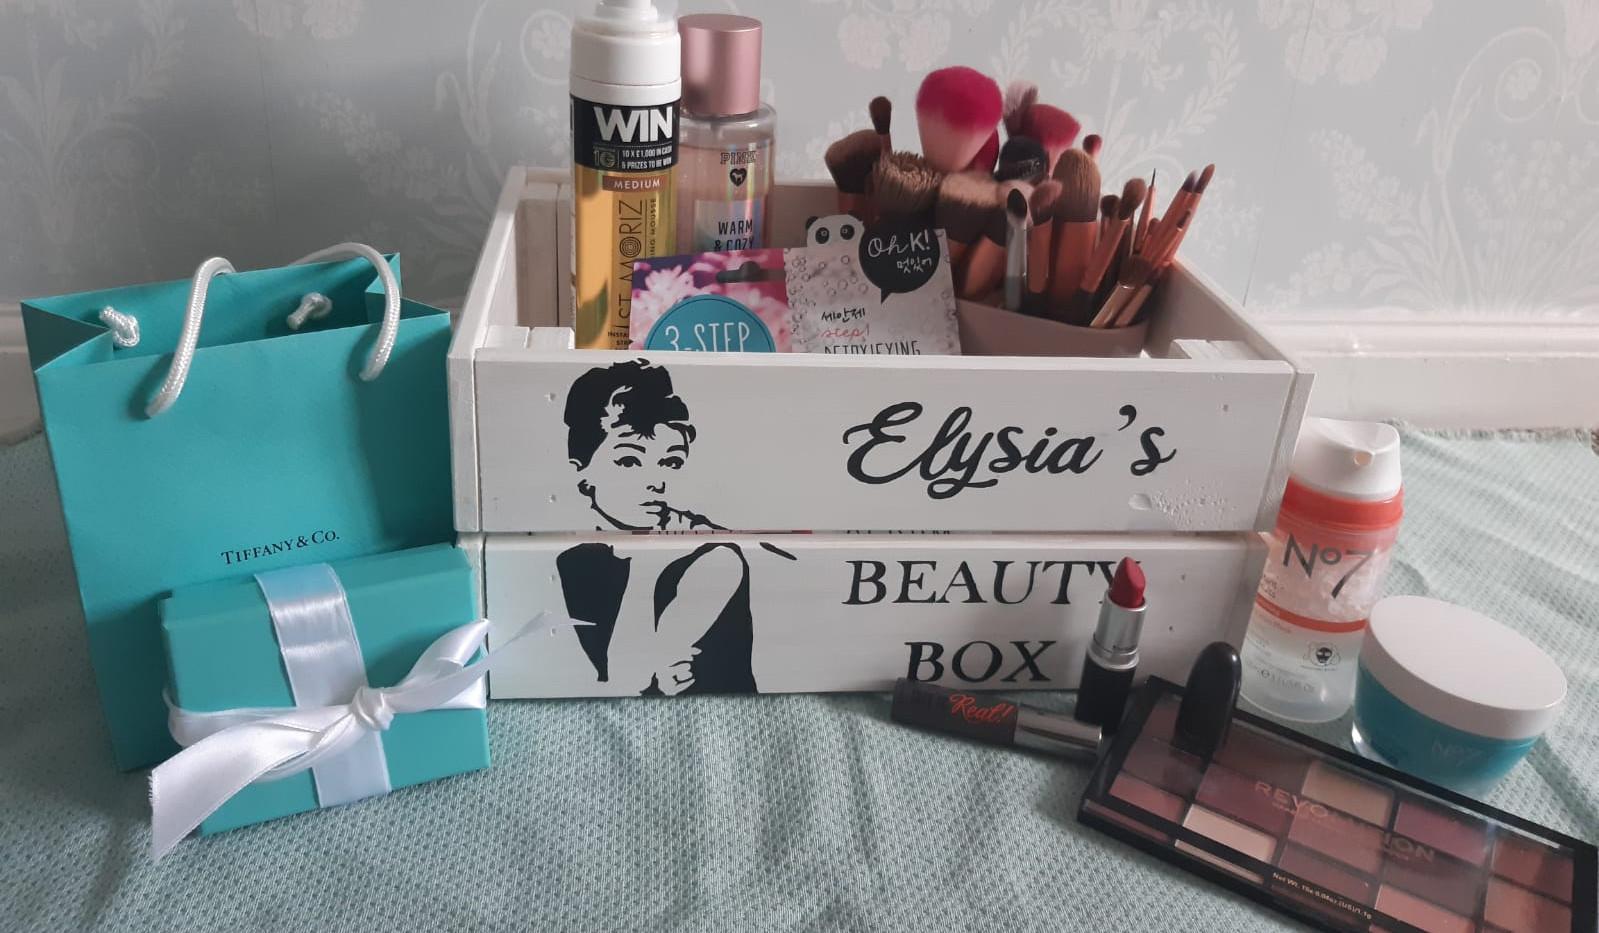 Beauty Box in all it's glory